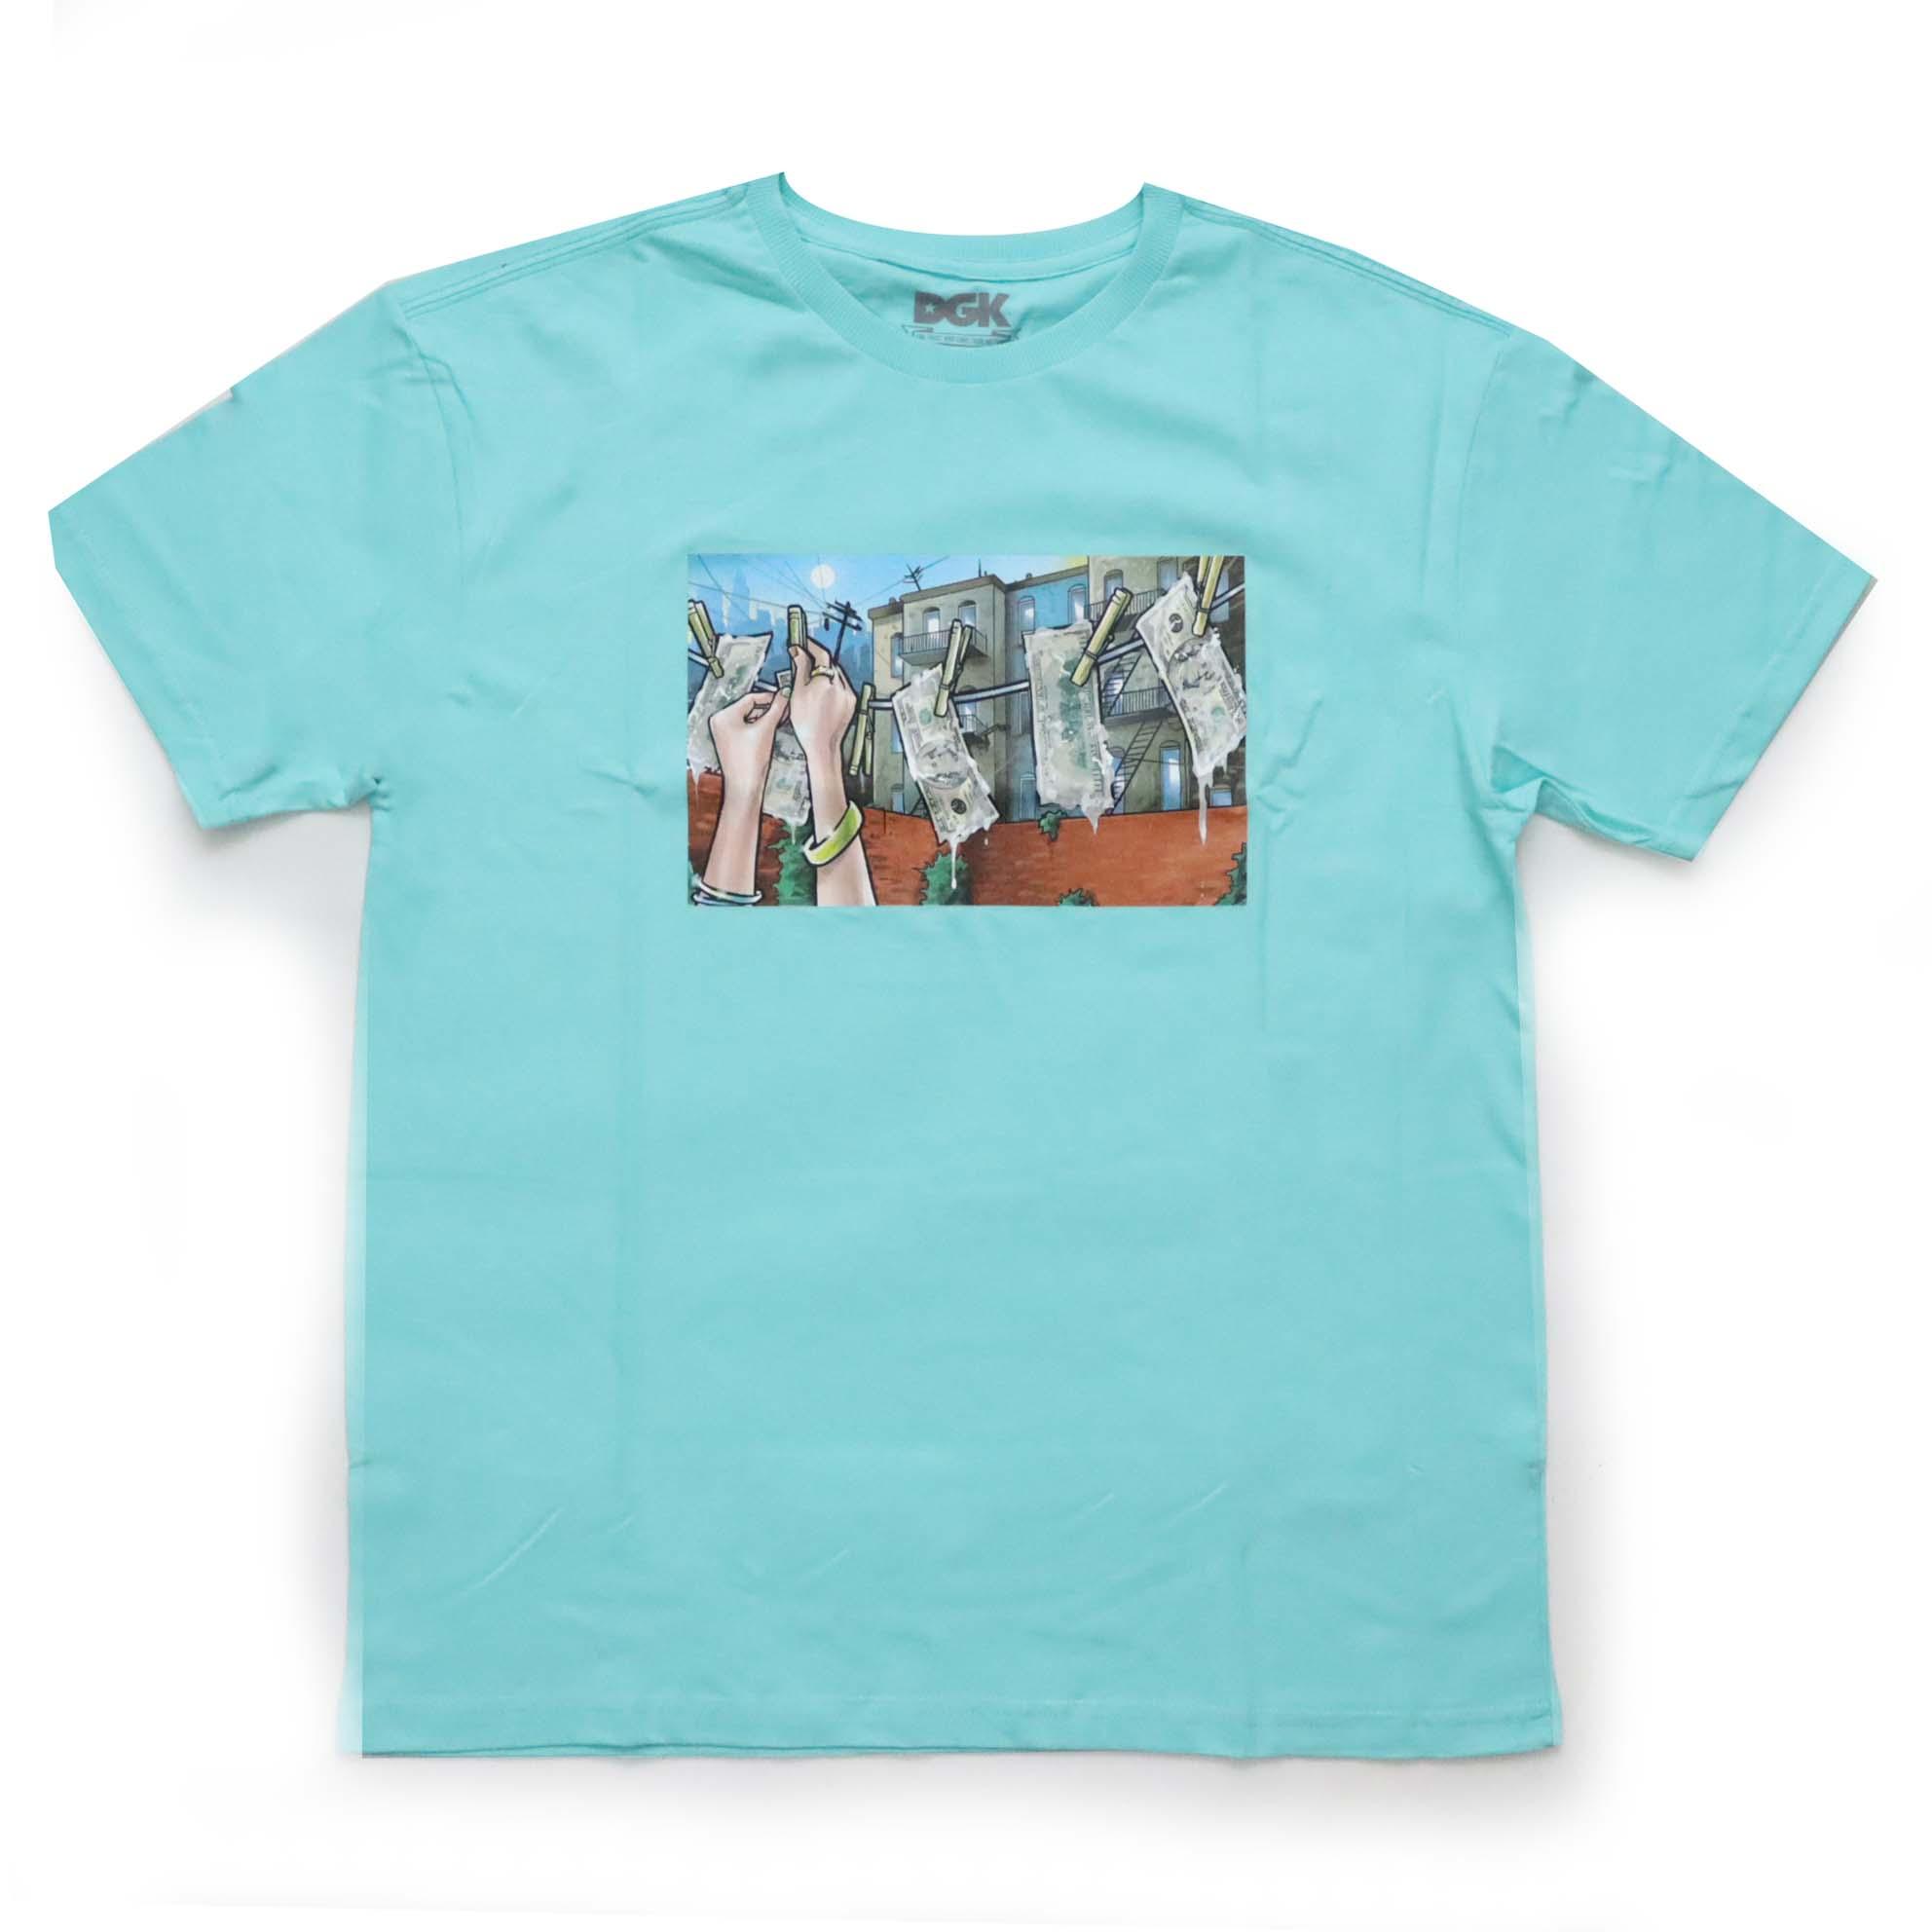 Camiseta DGK Laundry - Verde Claro